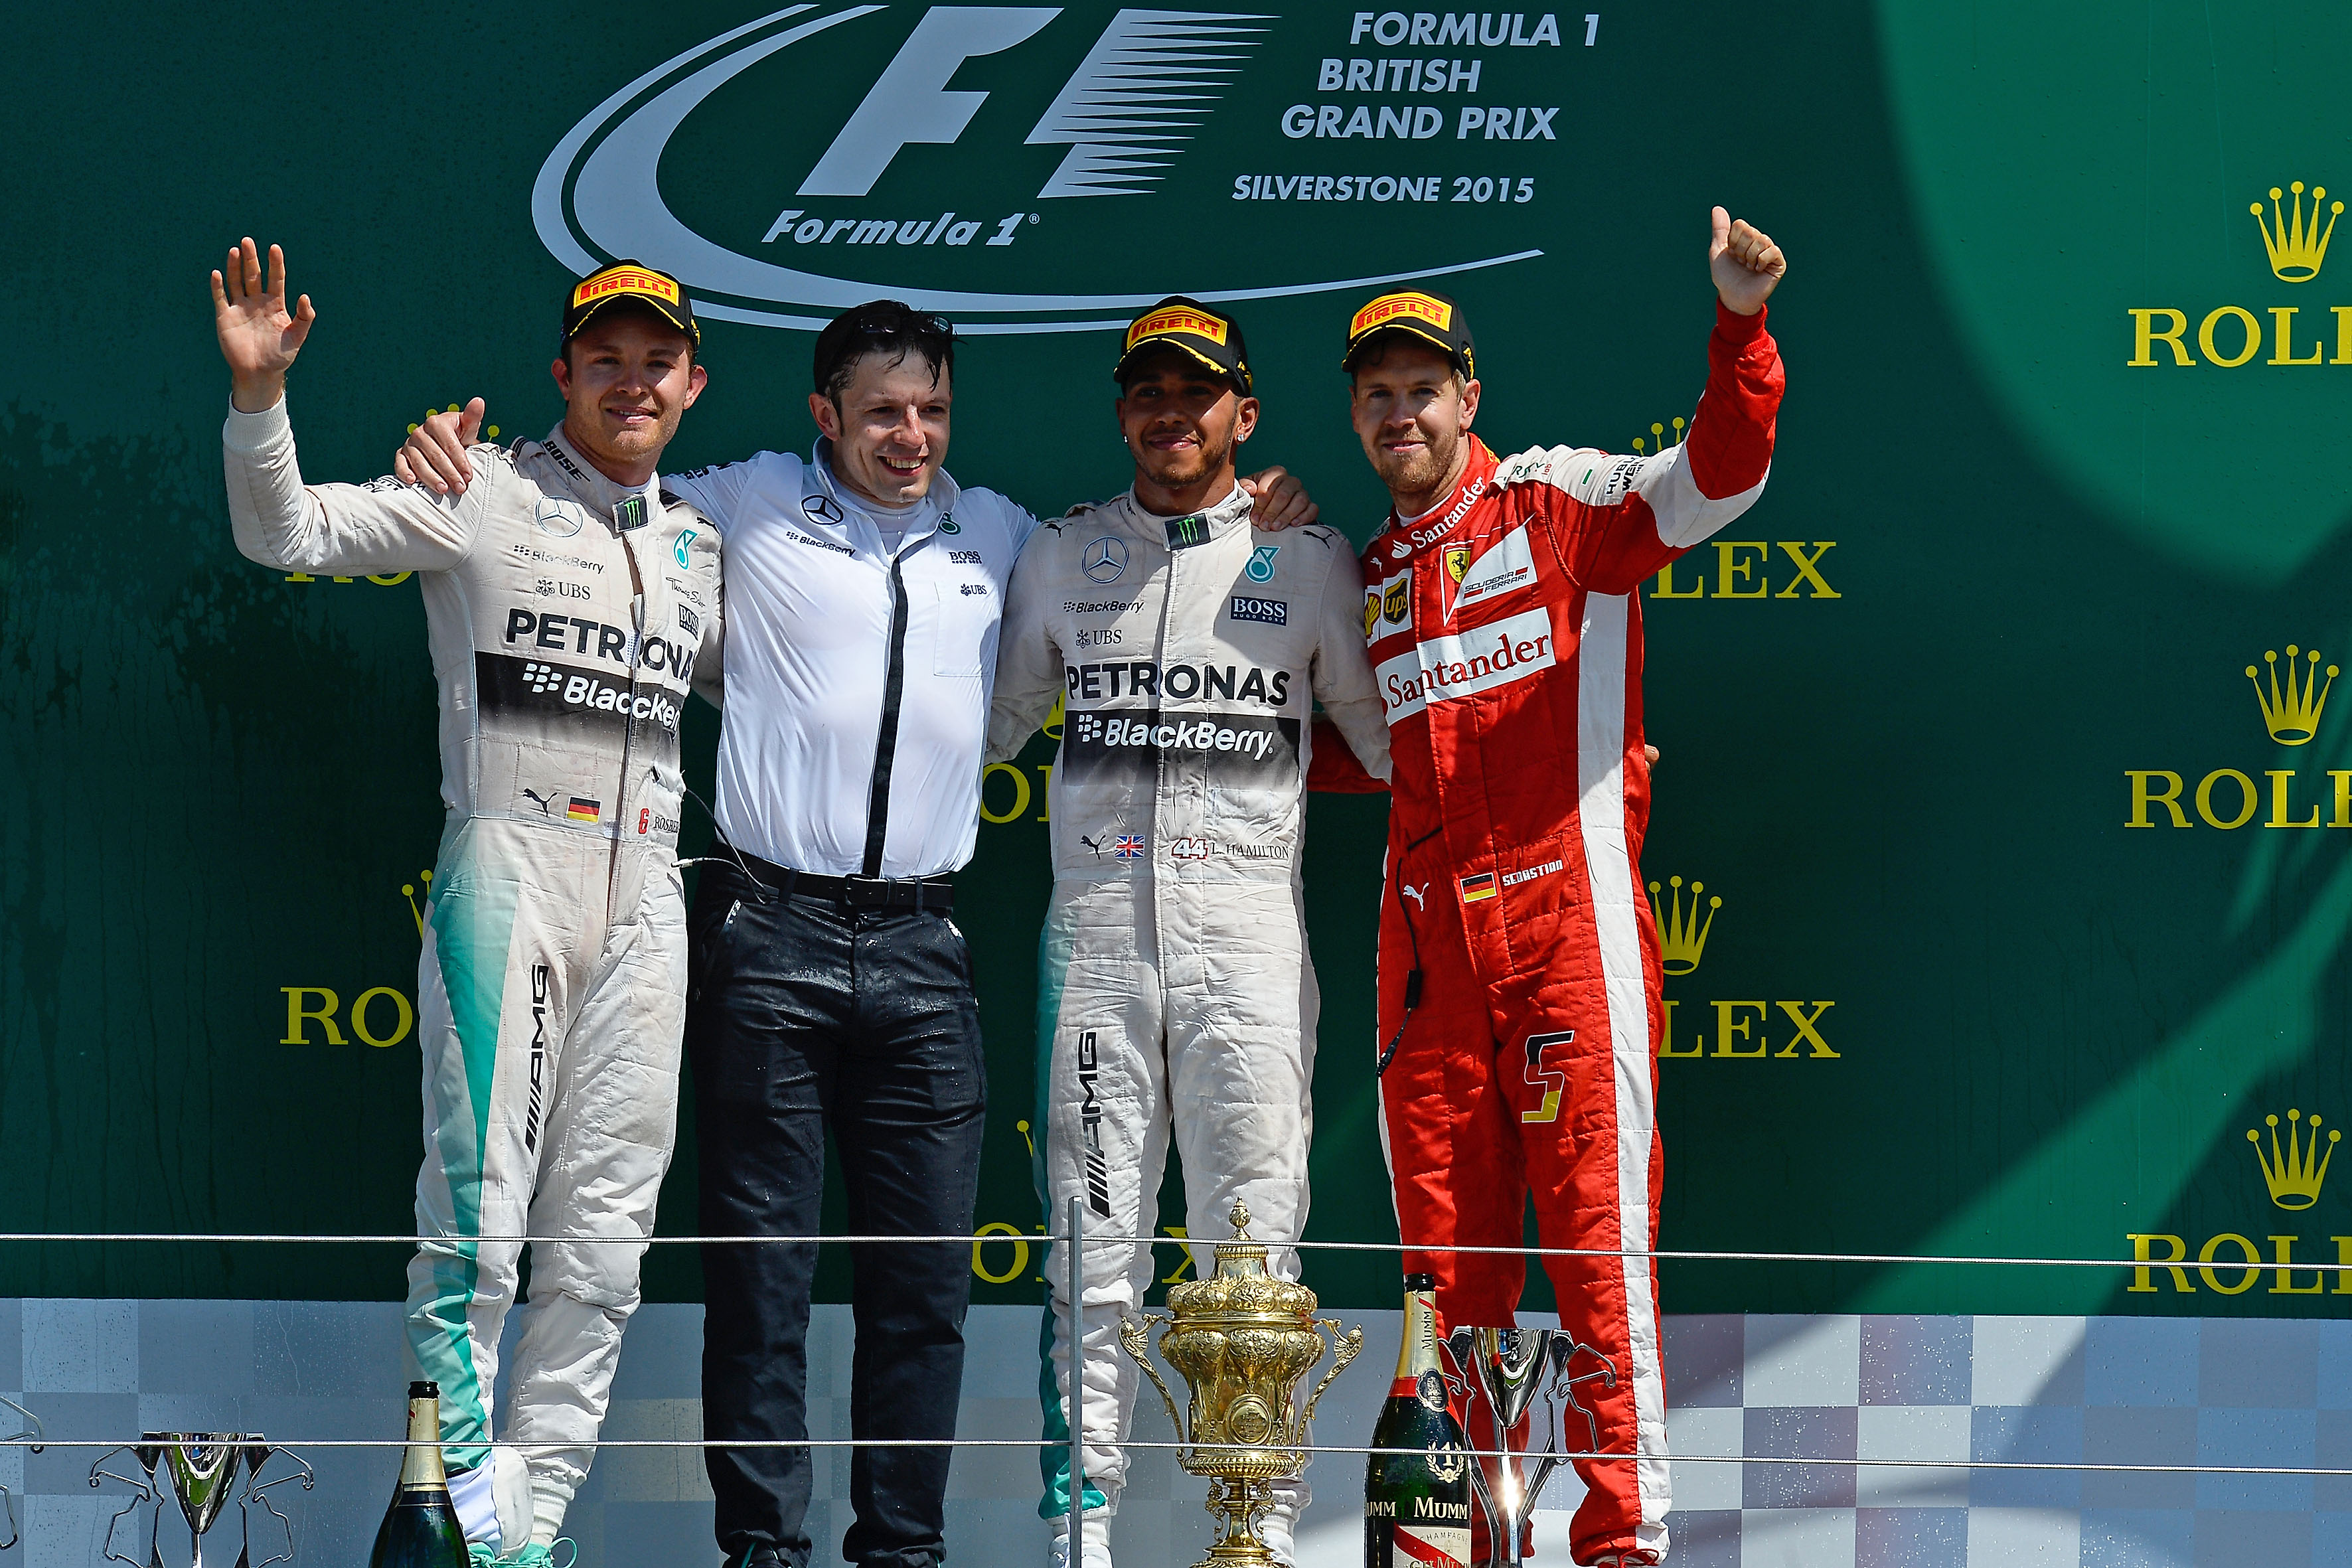 2015 British F1 GP podium: 1. Hamilton 2. Rosberg 3. Vettel